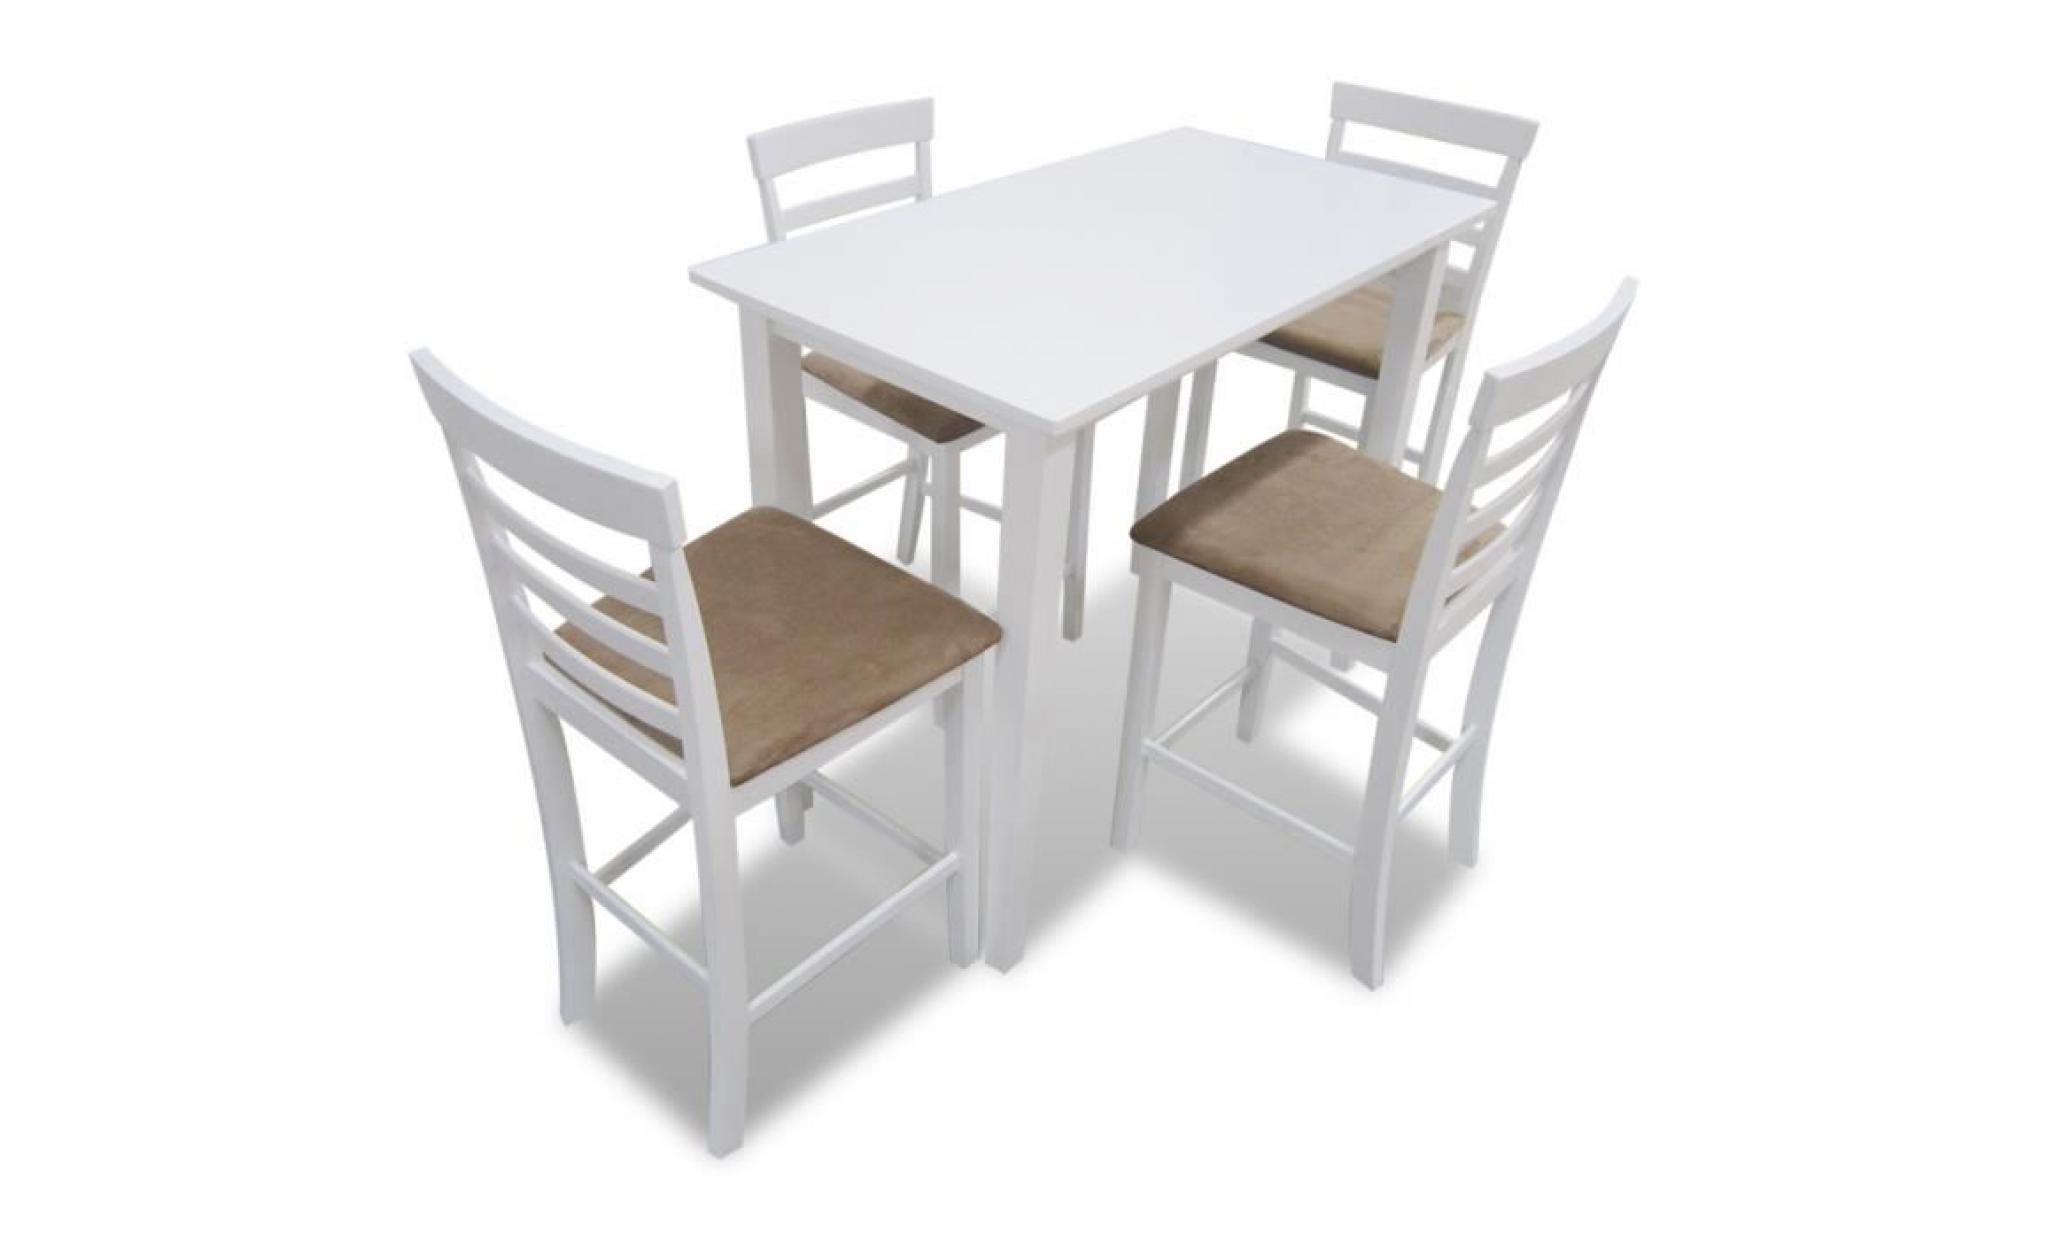 ensemble table et 4pcs chaises de cuisine salle à manger bar tabourets cadre blanc + siège beige